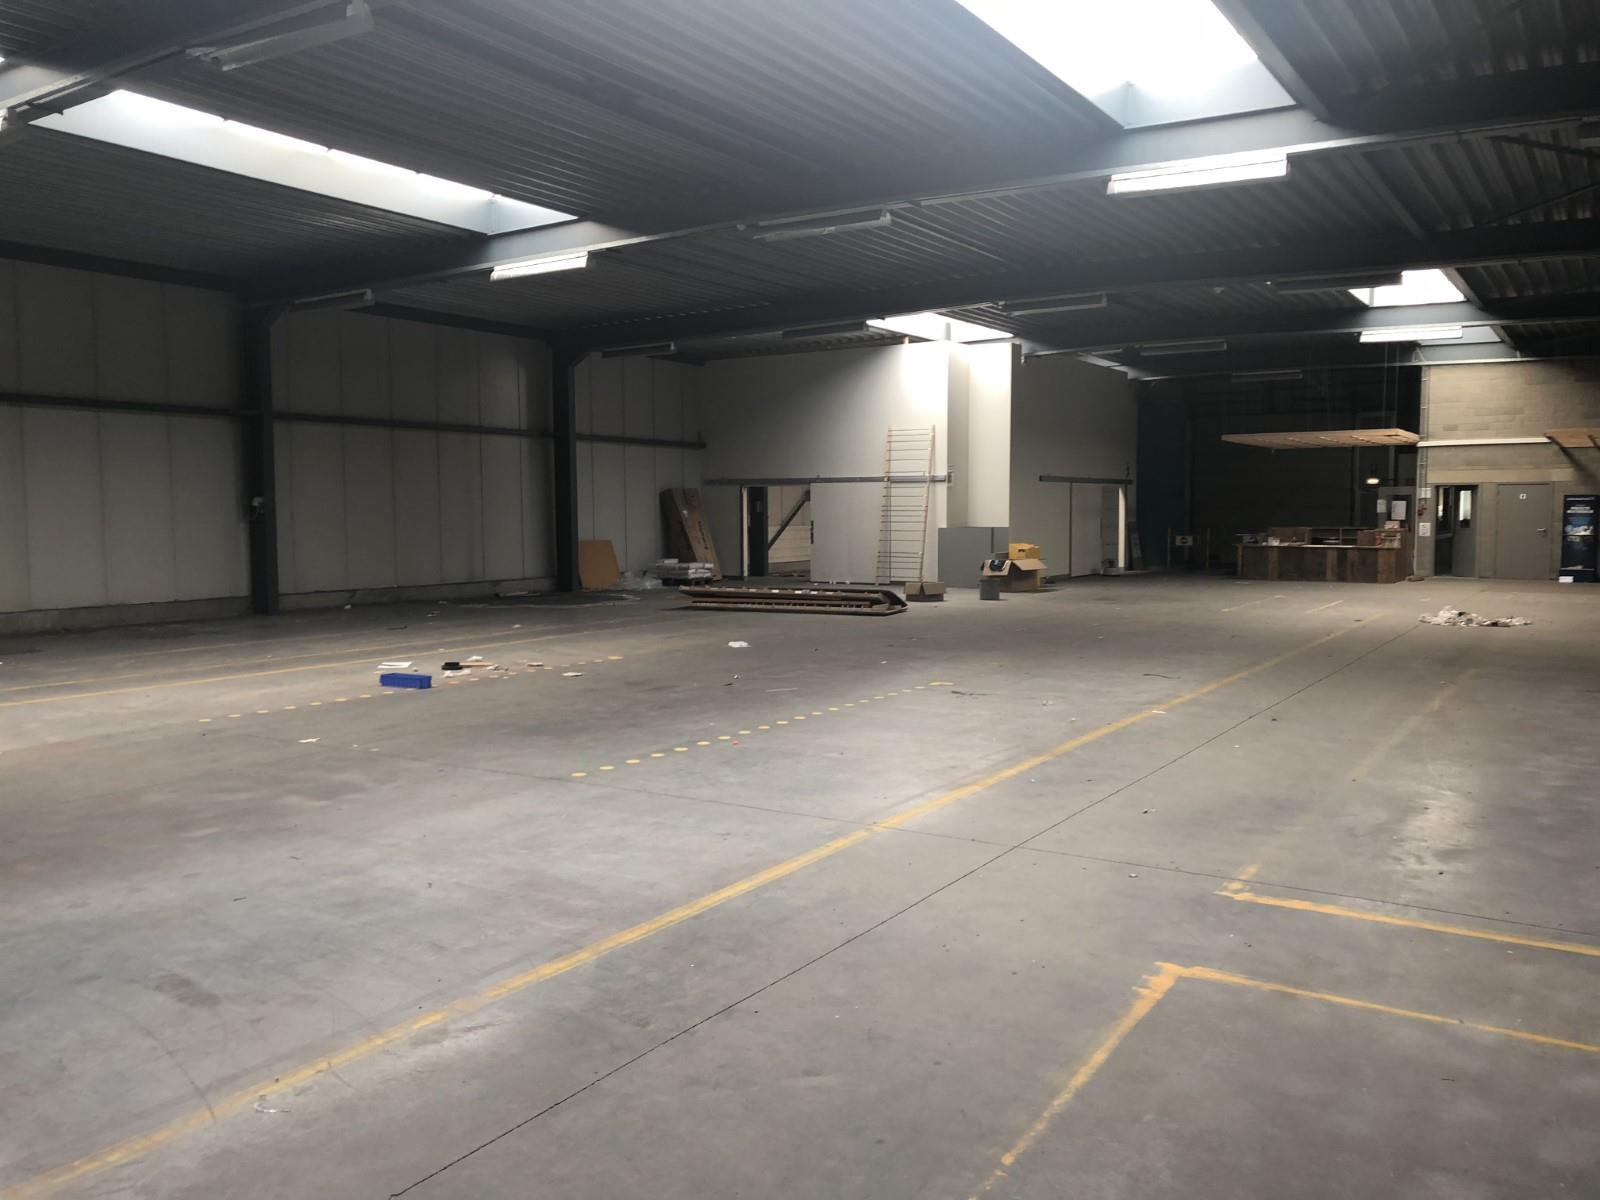 bedrijfsgebouw te koop I067TK - Zandvoortstraat 1, 2800 Mechelen, België 5